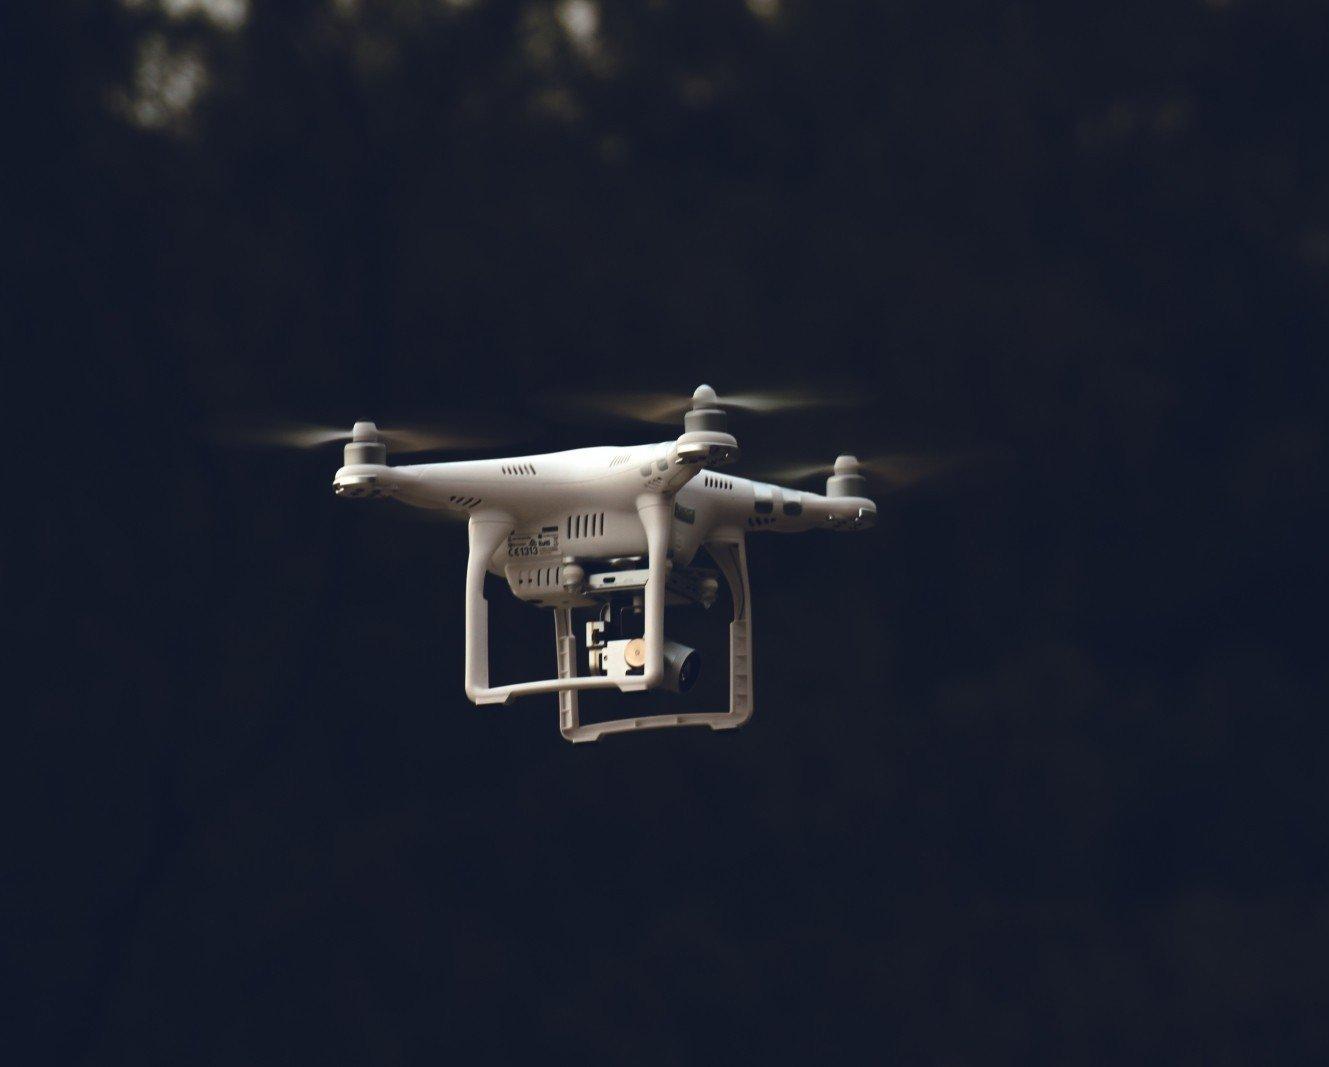 Видео перестрелки нло с американским военным дроном заказать очки гуглес к dji в камышин